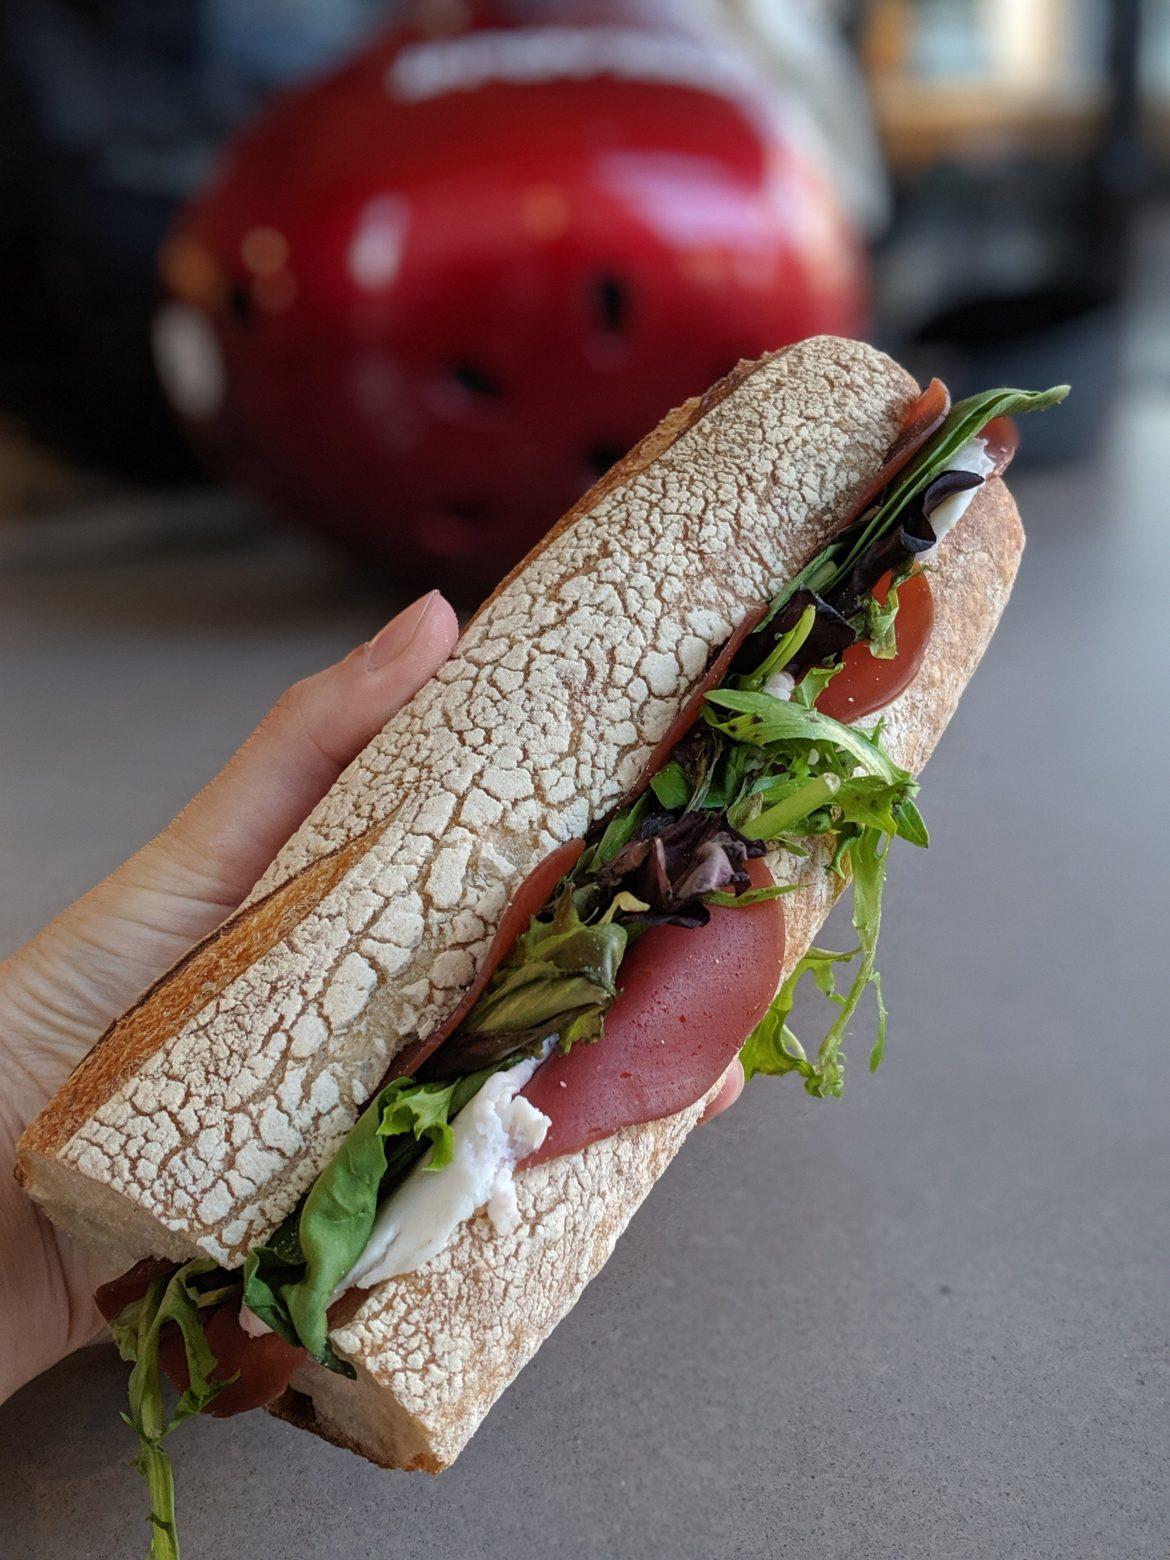 a vegan prosciutto and mozzarella sandwich from Riverdel at Essex Market, New York